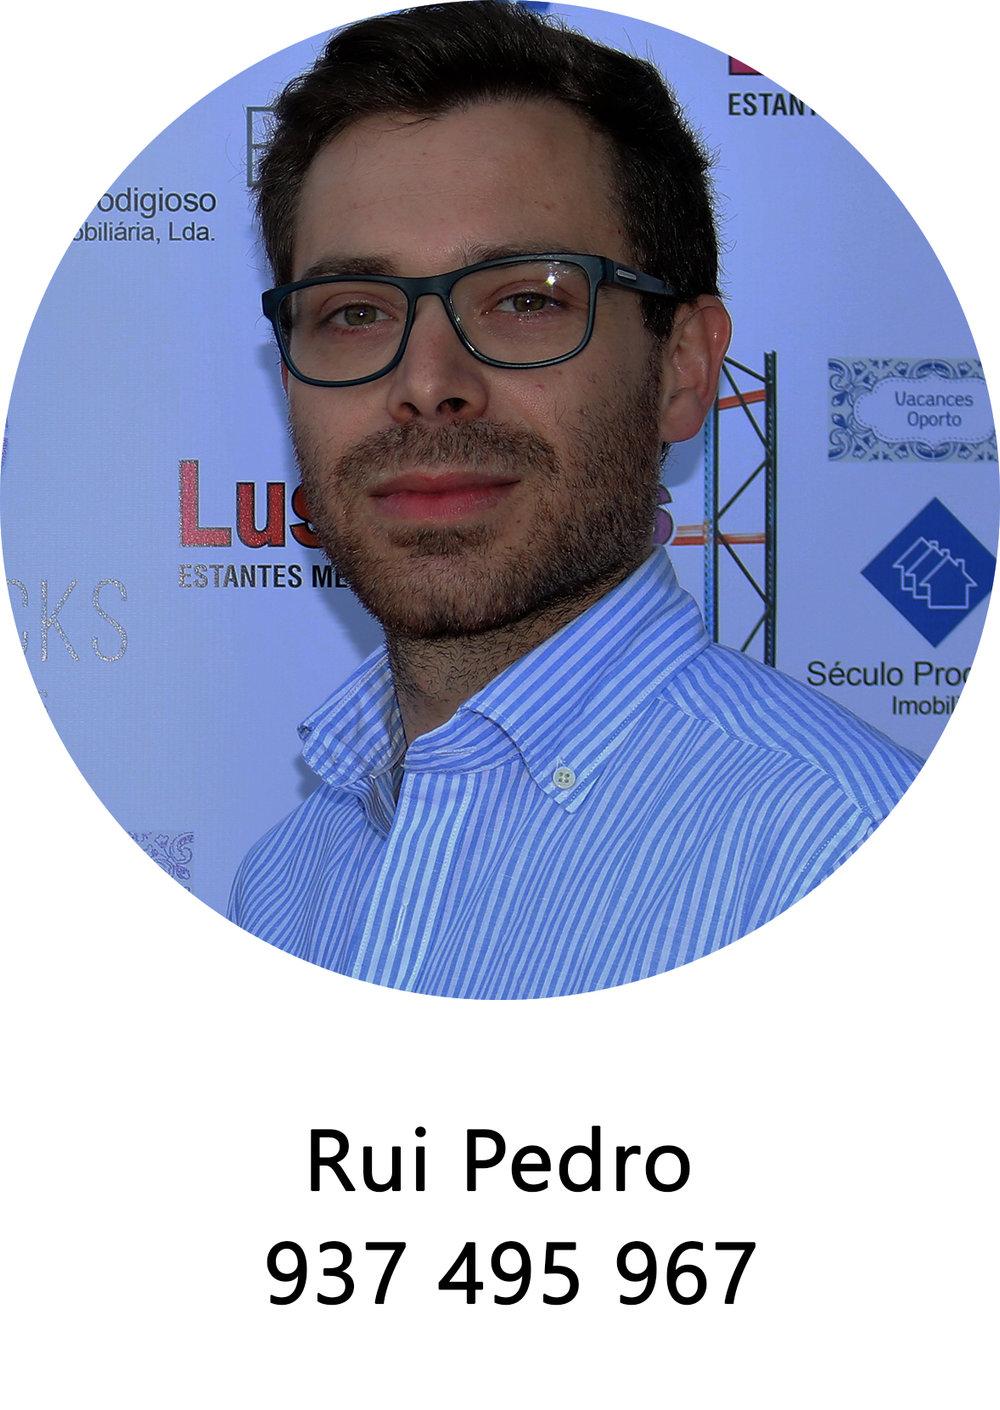 RUI_PEDRO.jpg